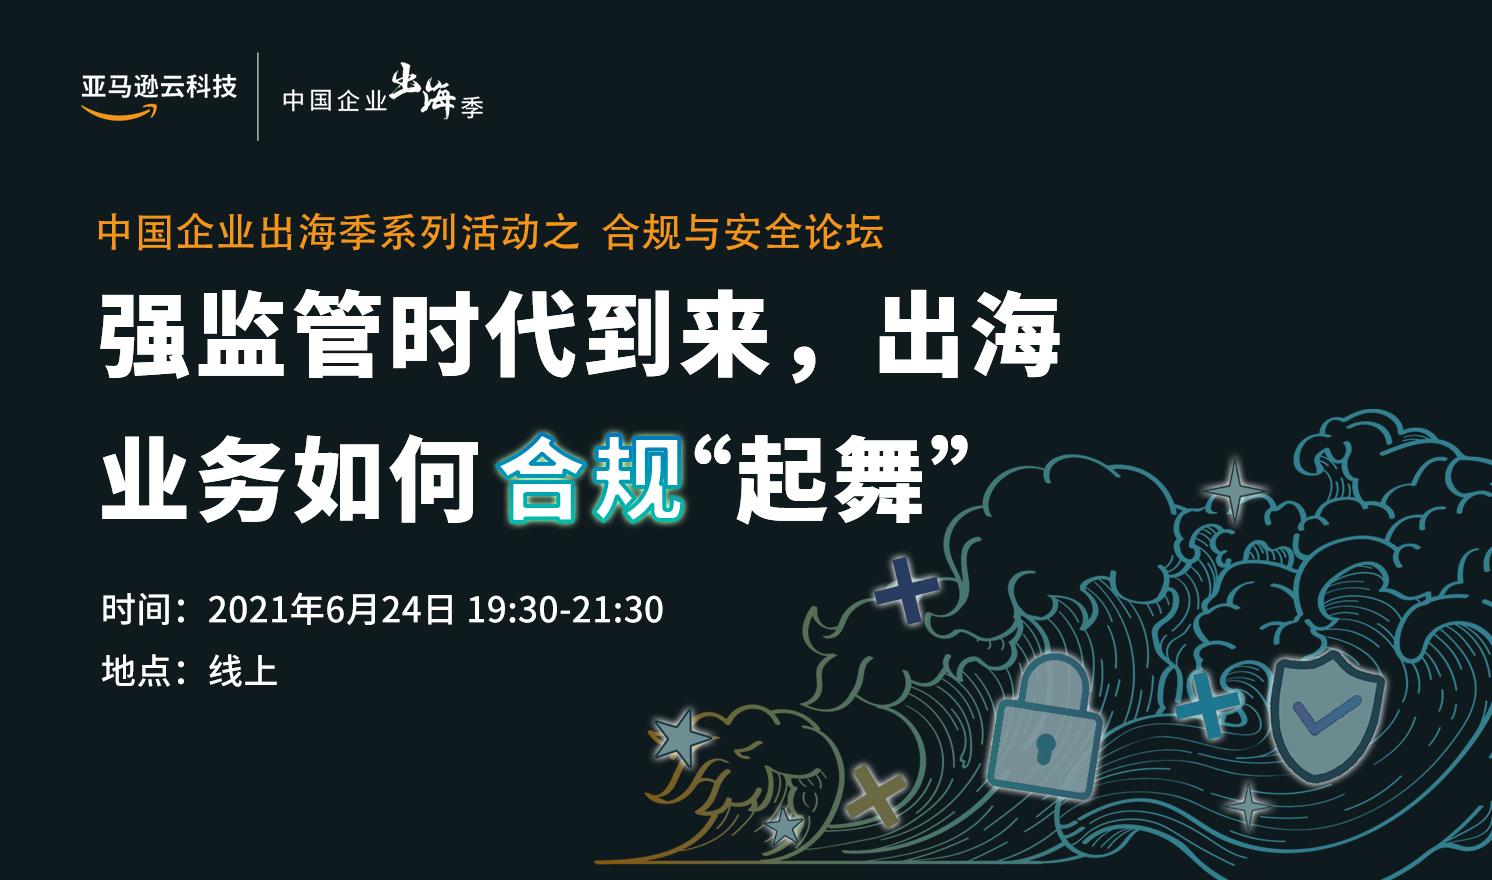 """强监管时代到来,出海业务如何合规""""起舞""""(2021-06-24)"""